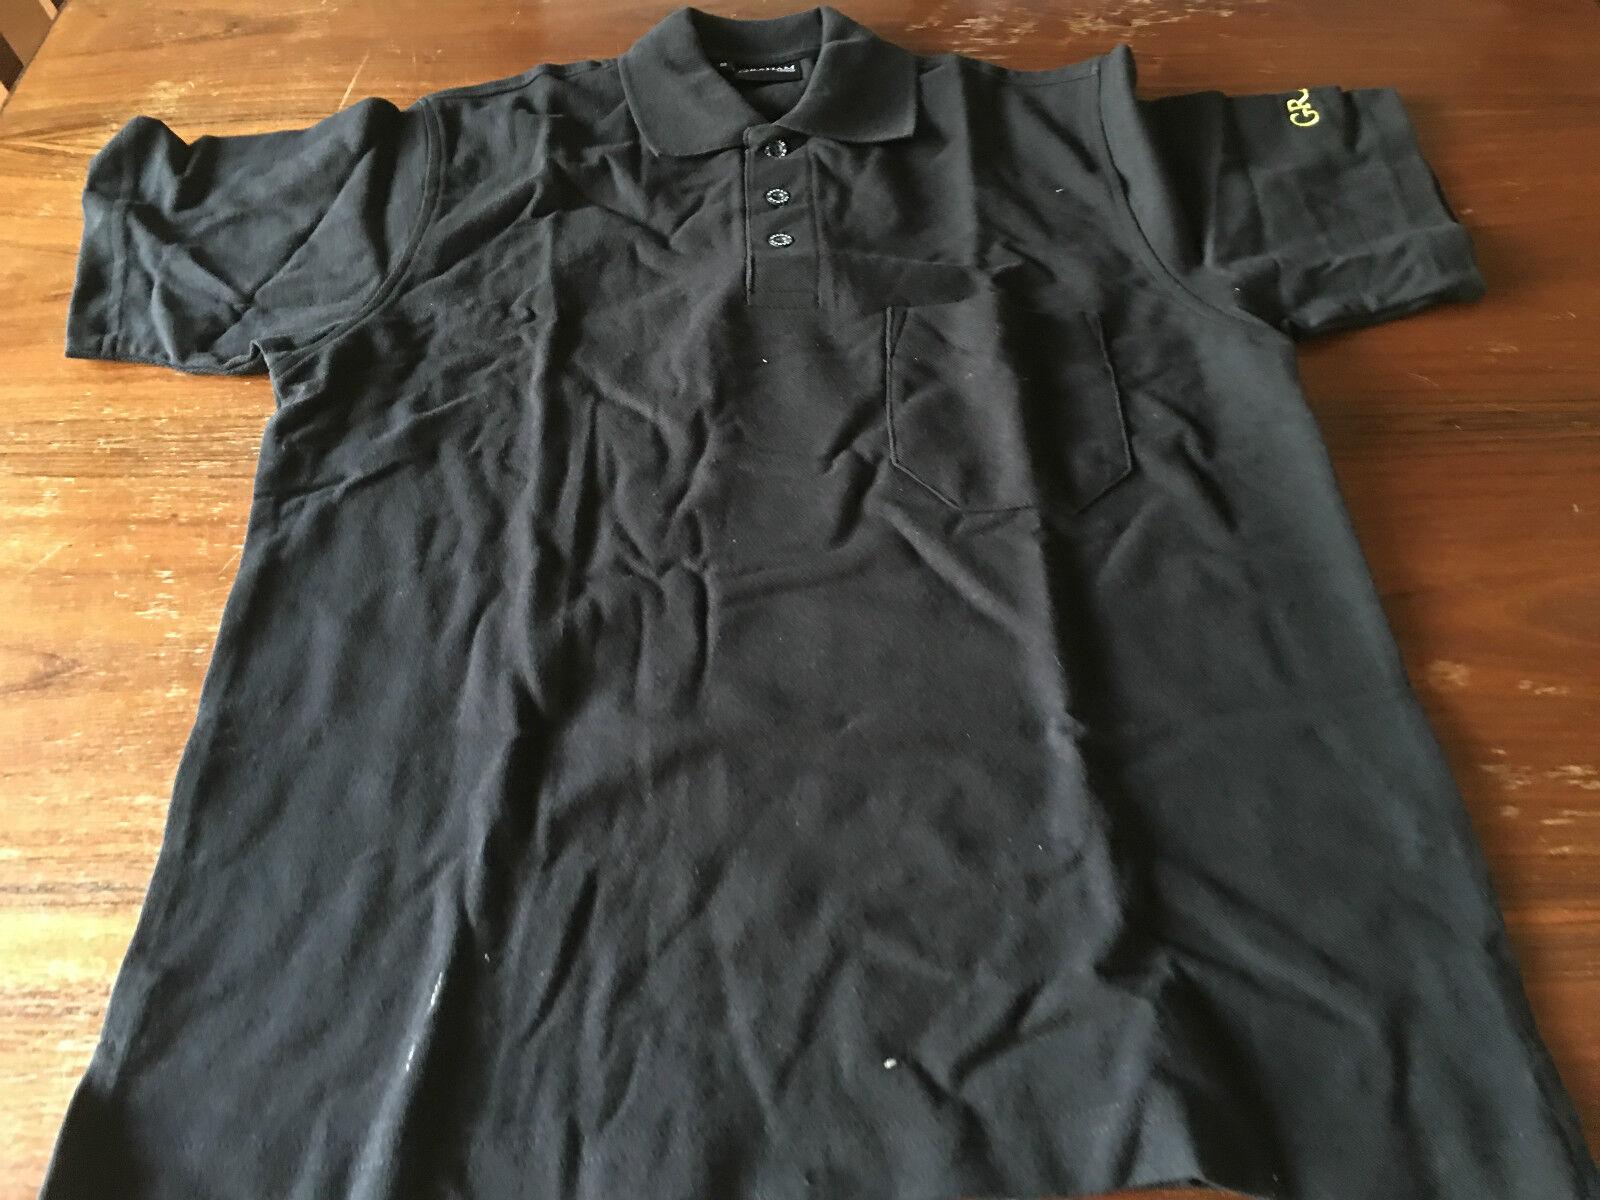 Nouveau - T-shirt GRAHAM Polo - Taille M - Noir couleur noir - Nouveau